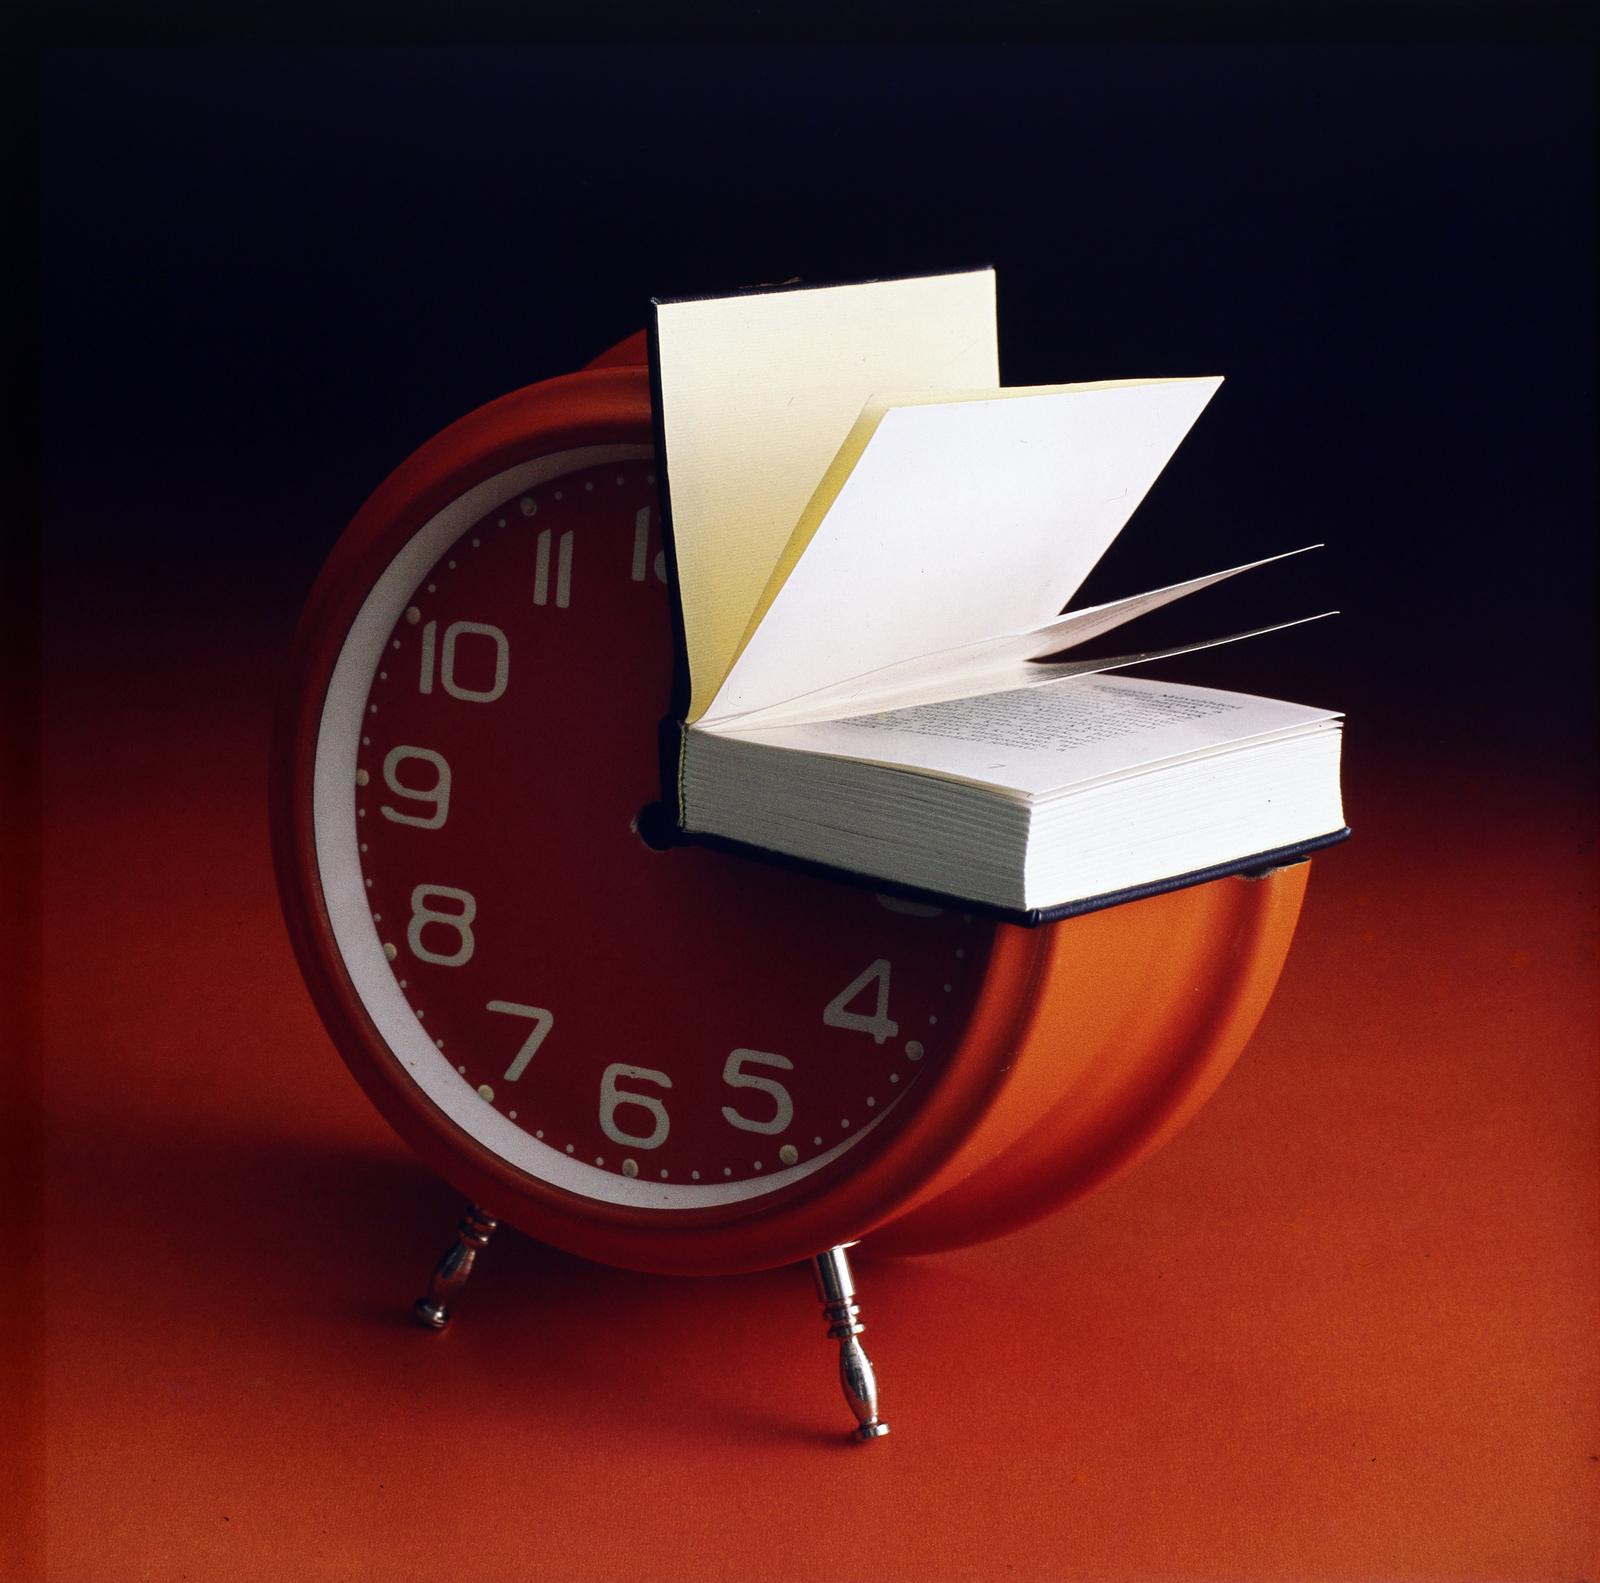 Hasznos időtöltés az olvasás.<br />1980<br />Fotó: Fortepan / Tóth József Füles